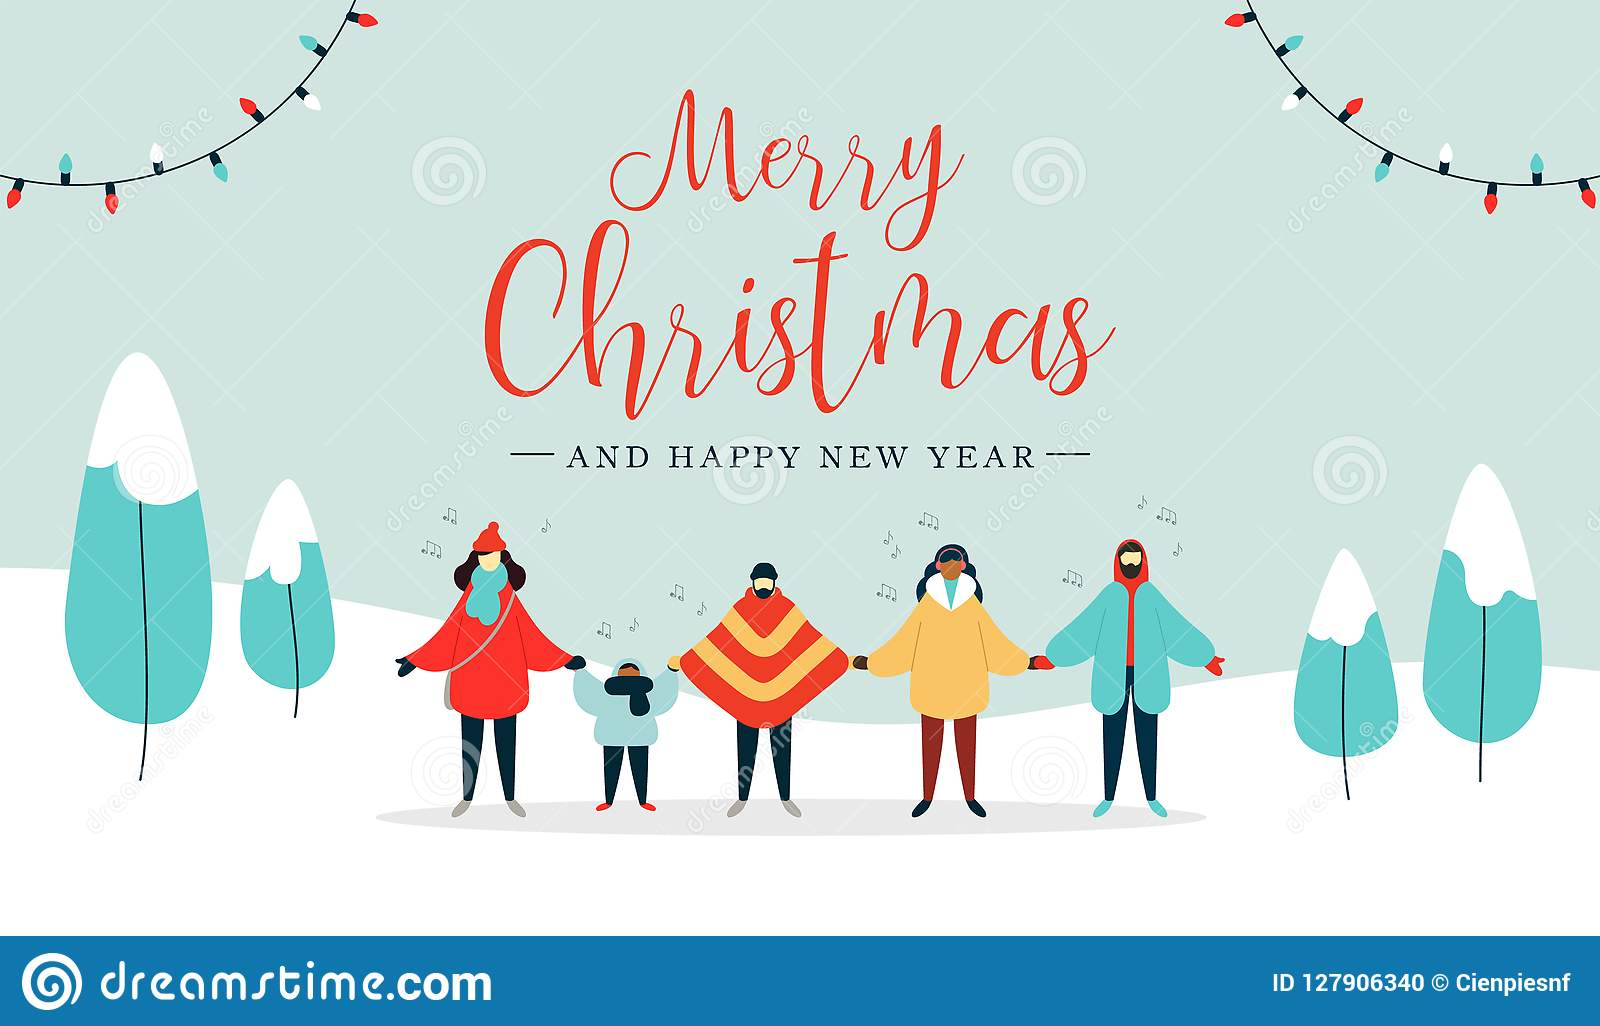 С Рождеством Христовым рождественская открытка разнообразных людей поя